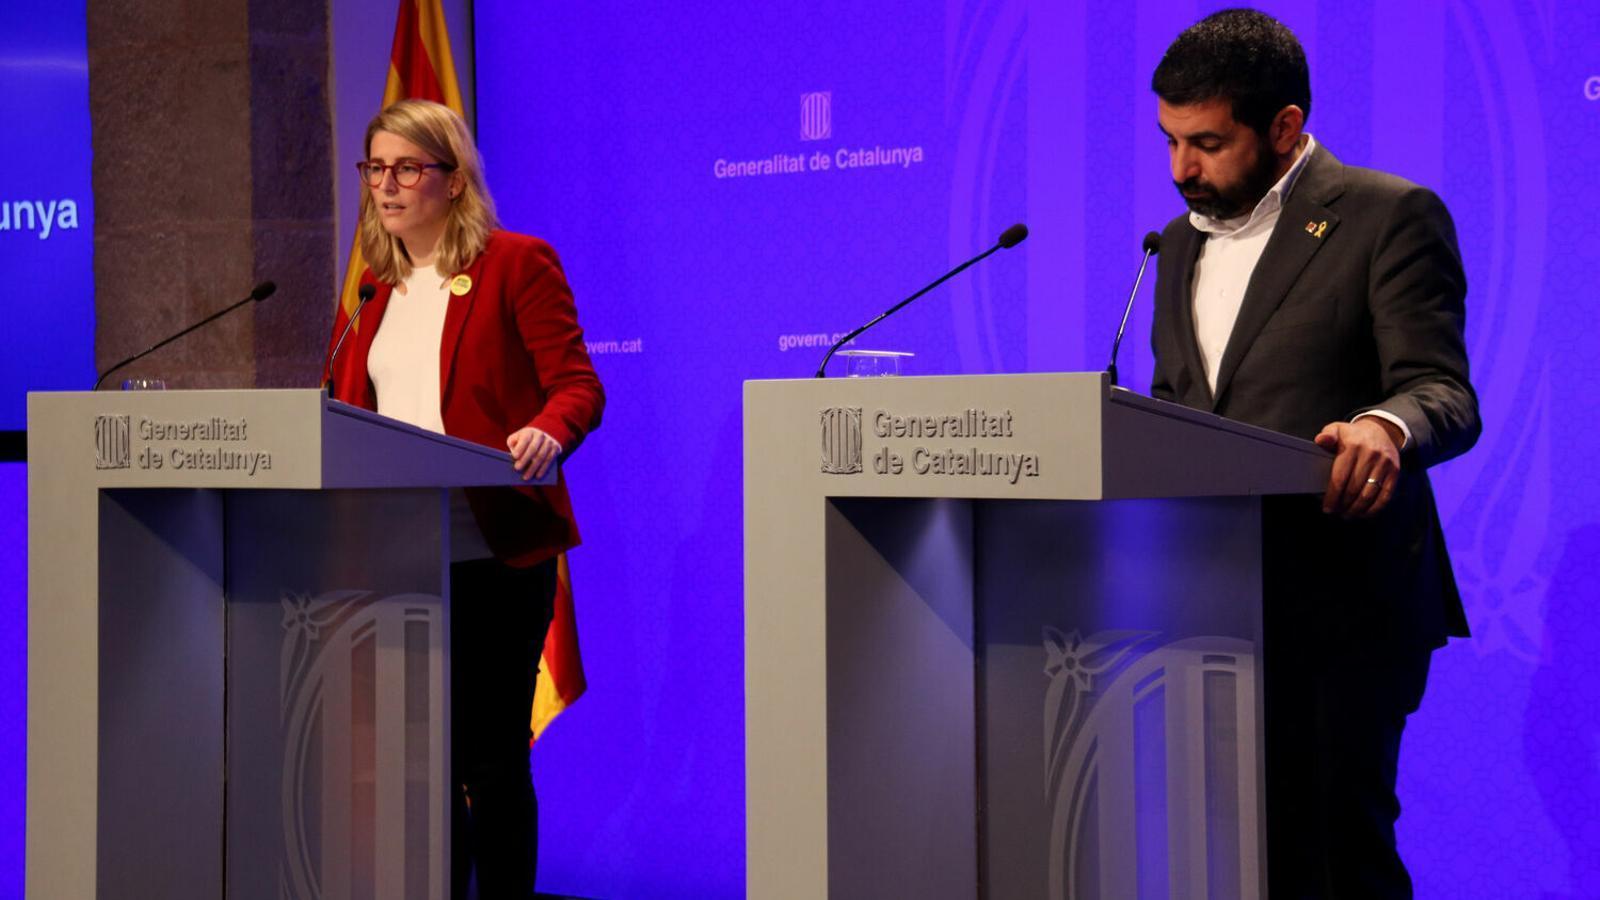 """El Consell per la República no intervindrà en el Govern però tindrà un """"rol important"""" en l'independentisme"""